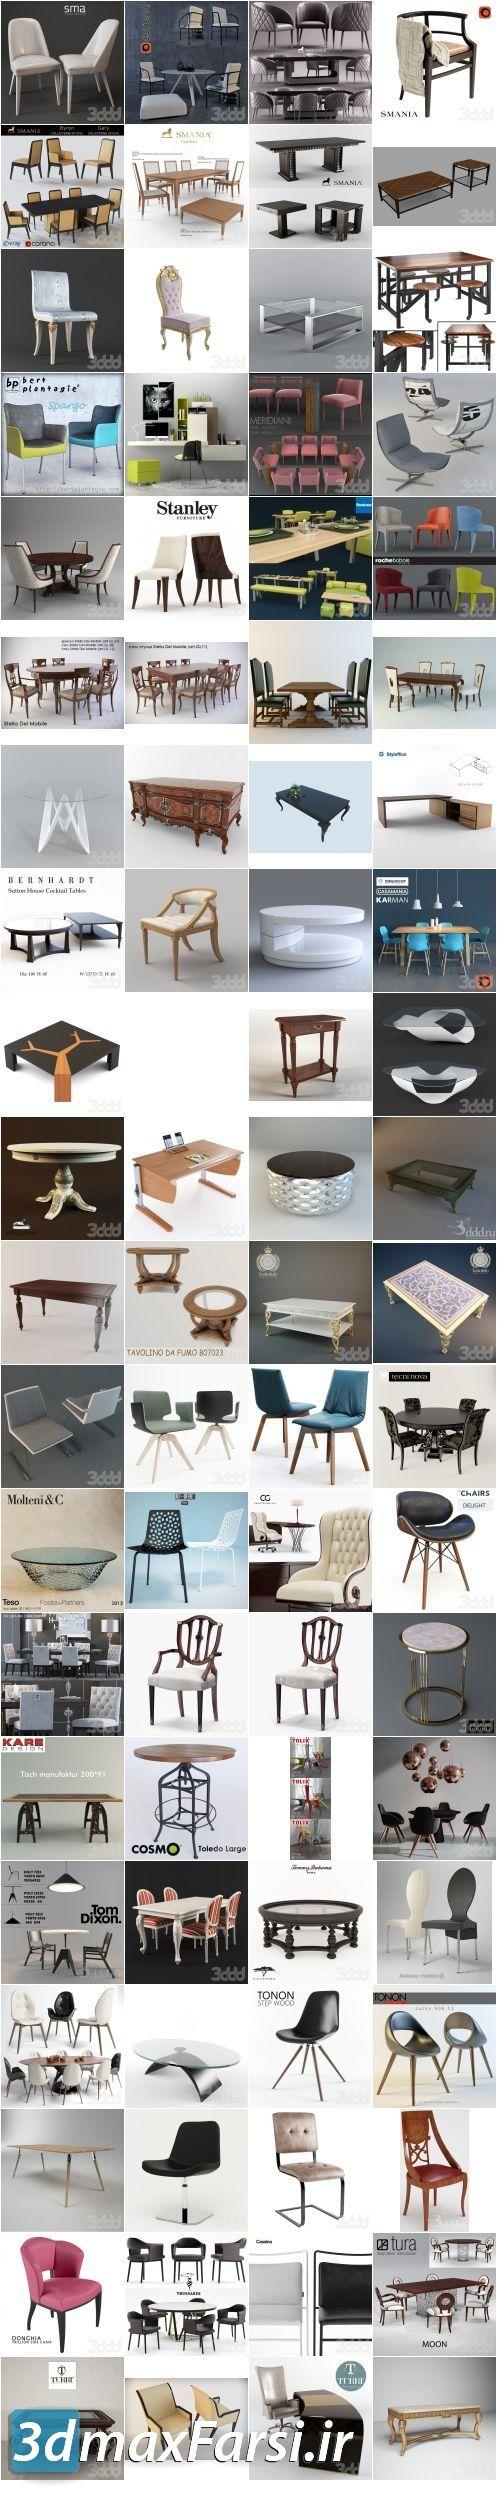 مدل سه بعدی میز و صندلی دانلود رایگان